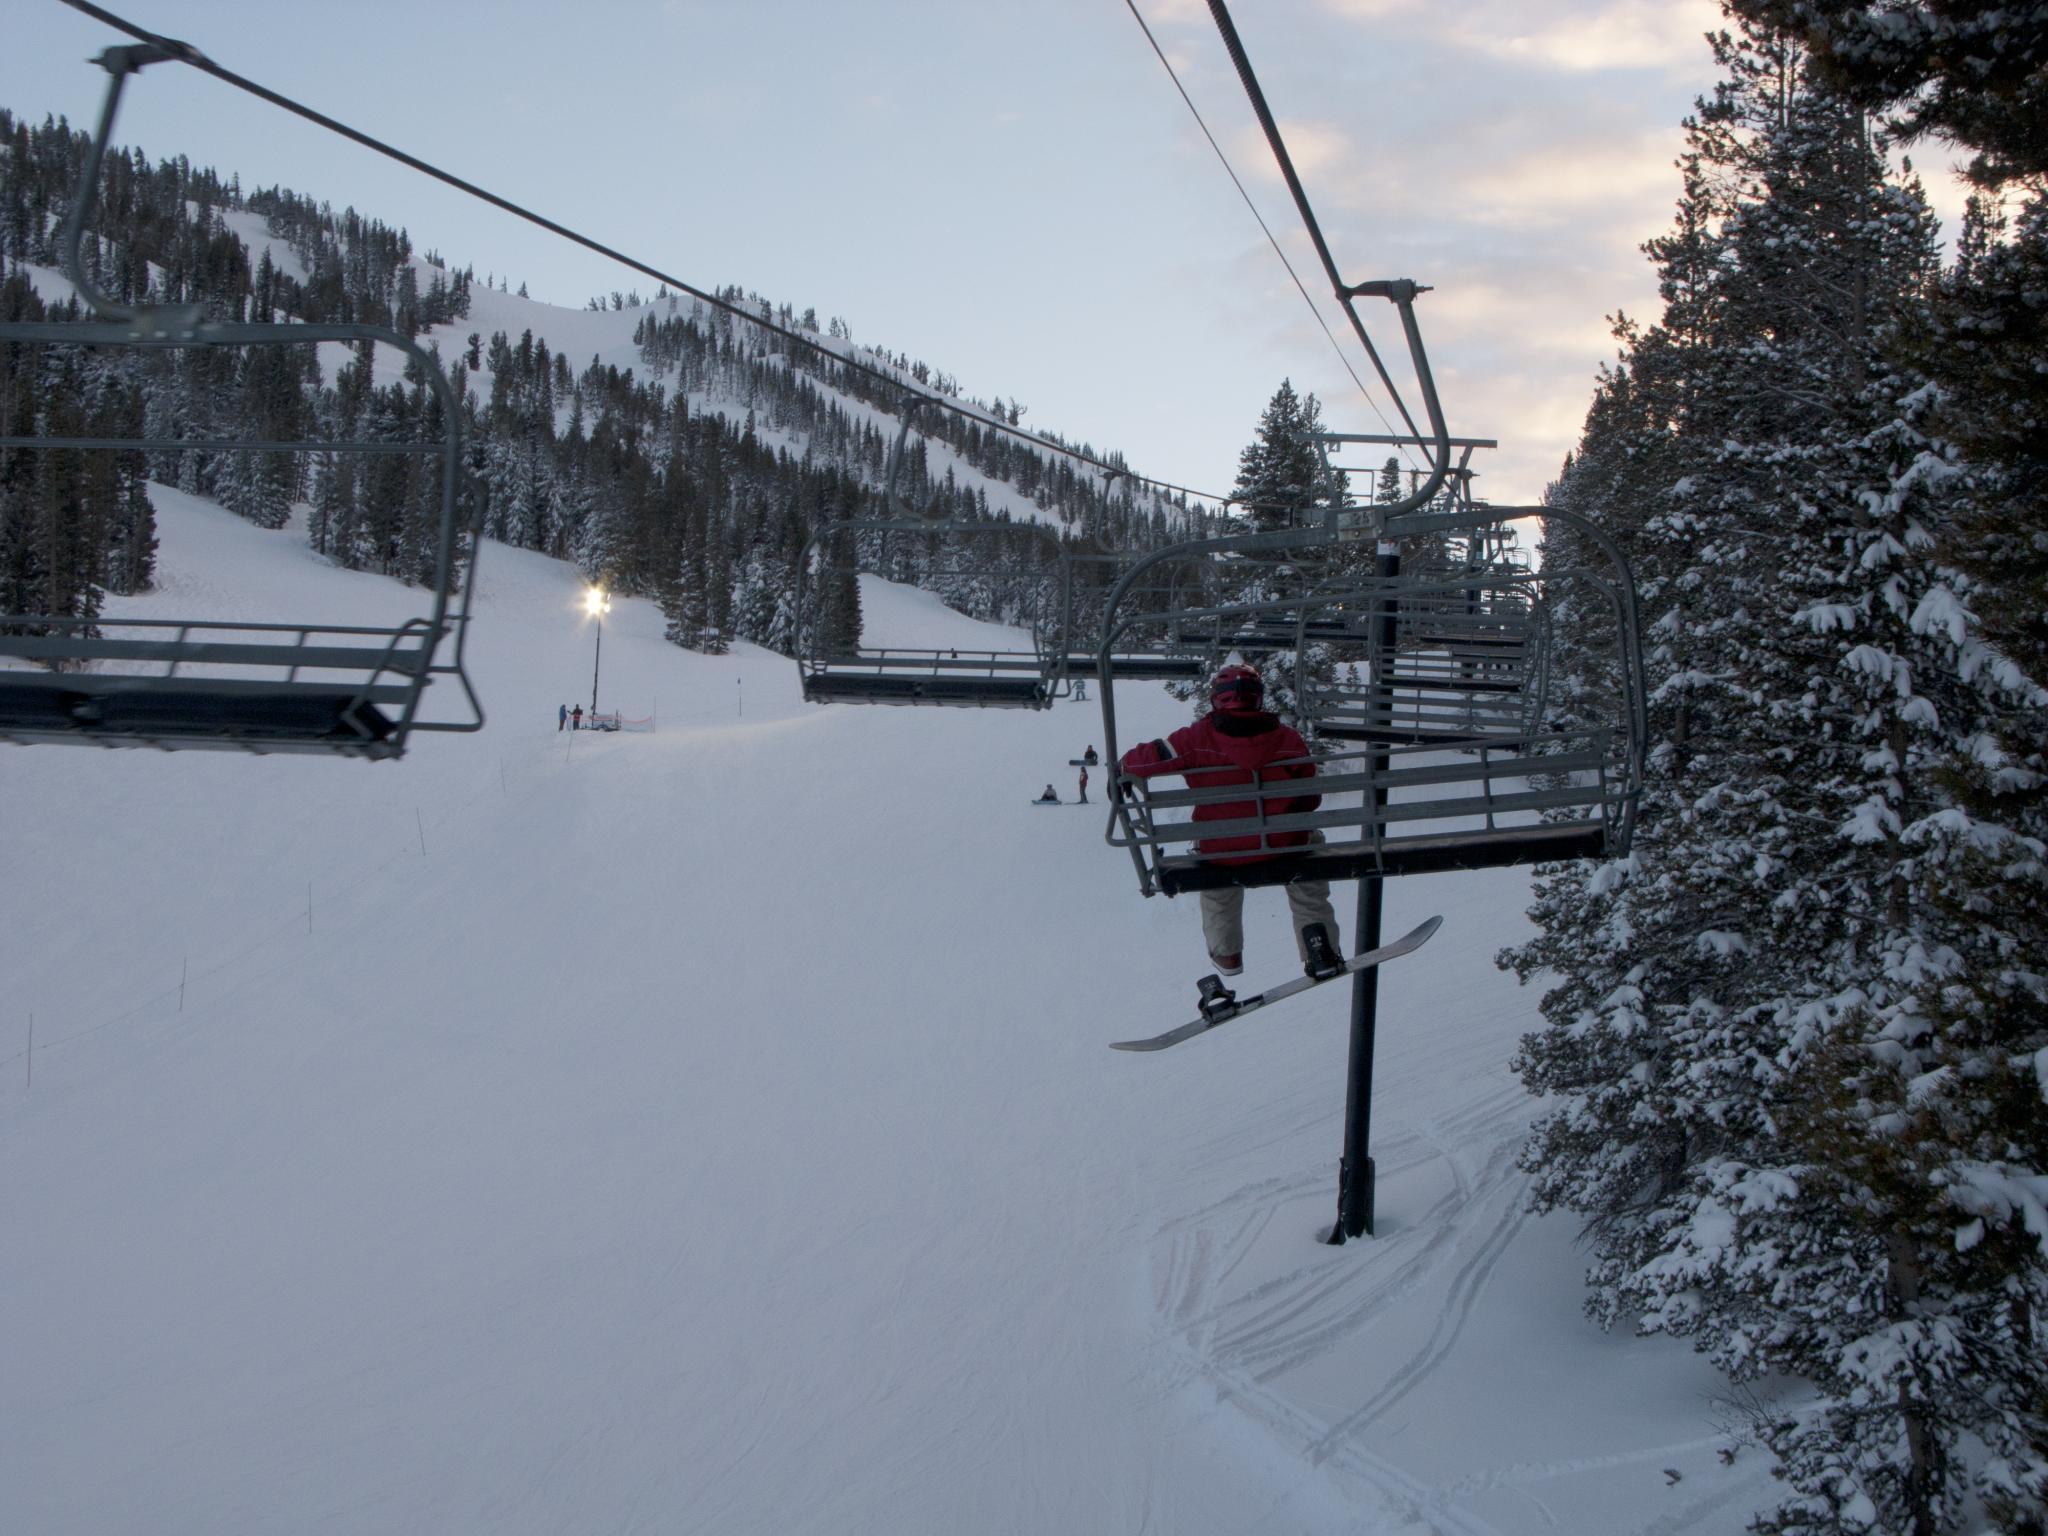 reno & lake tahoe ski shuttles will take you where you need to go